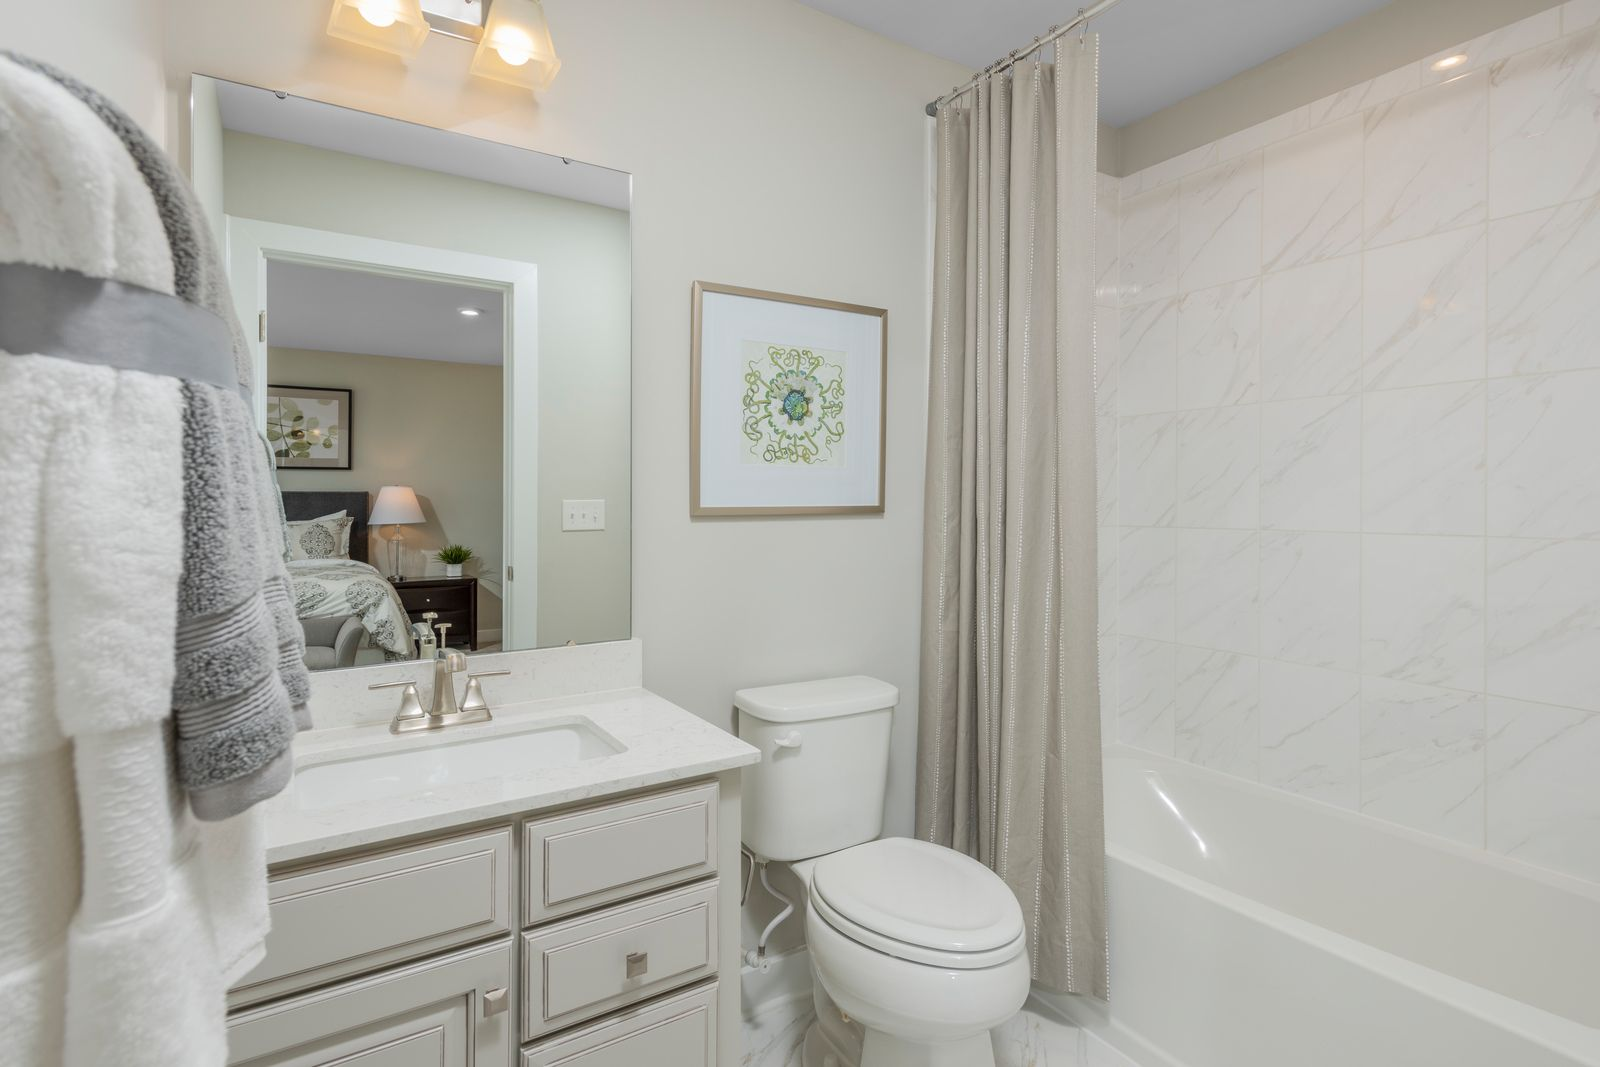 Bathroom featured in the Seneca By Ryan Homes in Cincinnati, OH